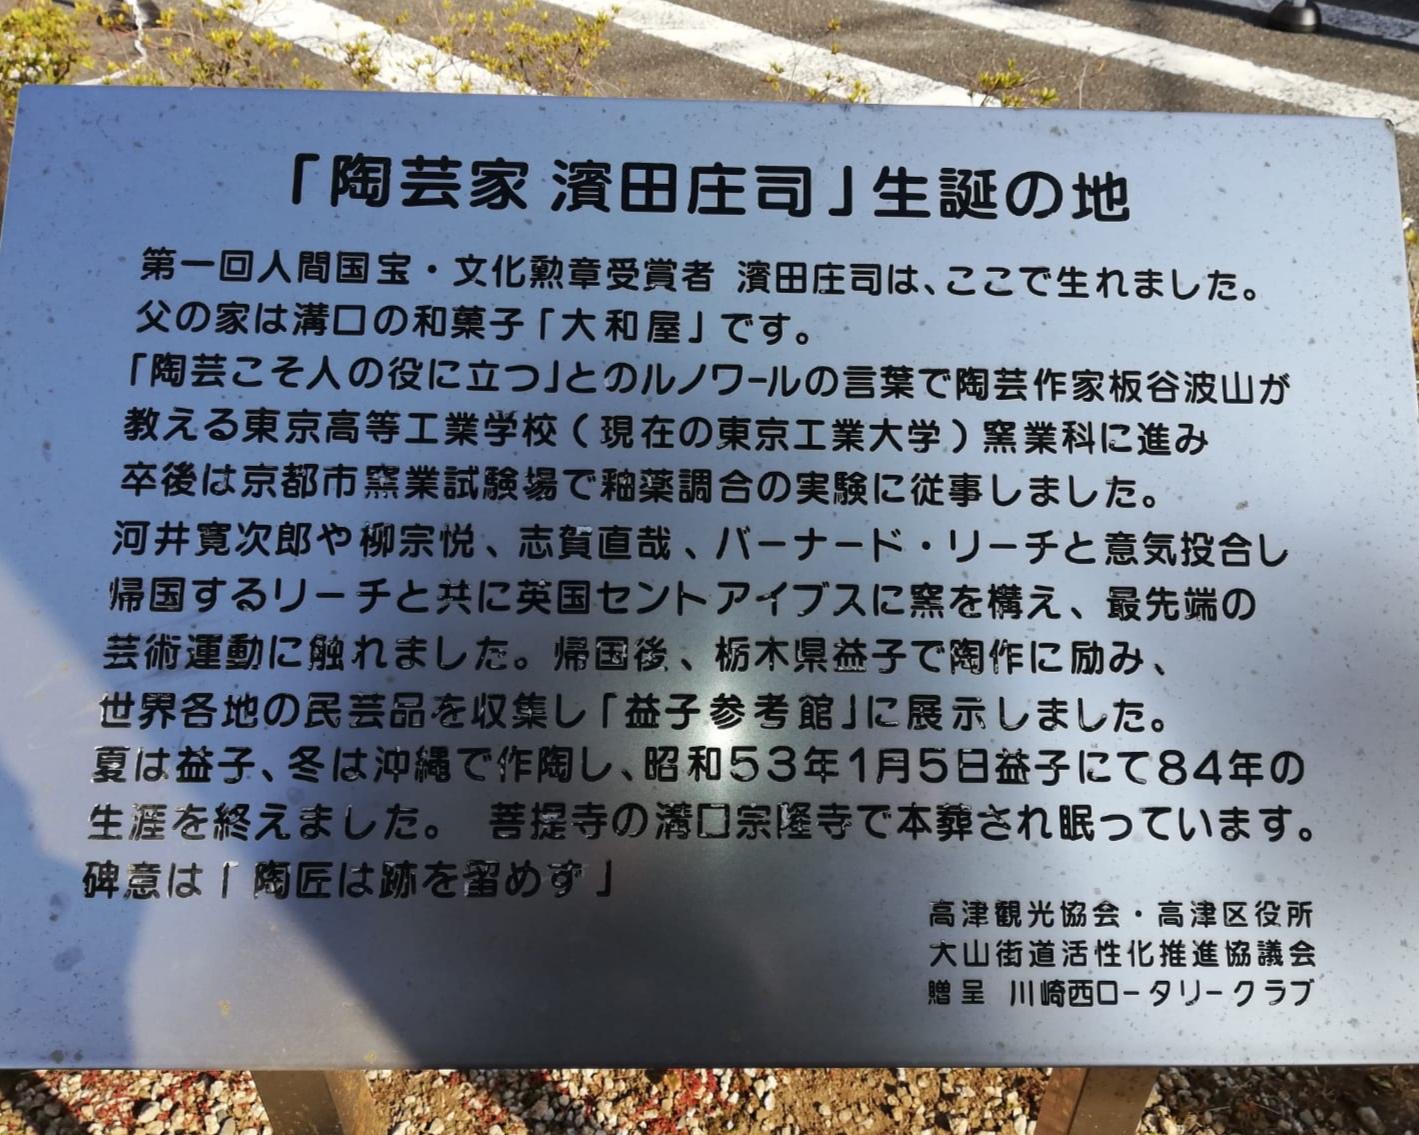 Memorial to Hamada Shoji